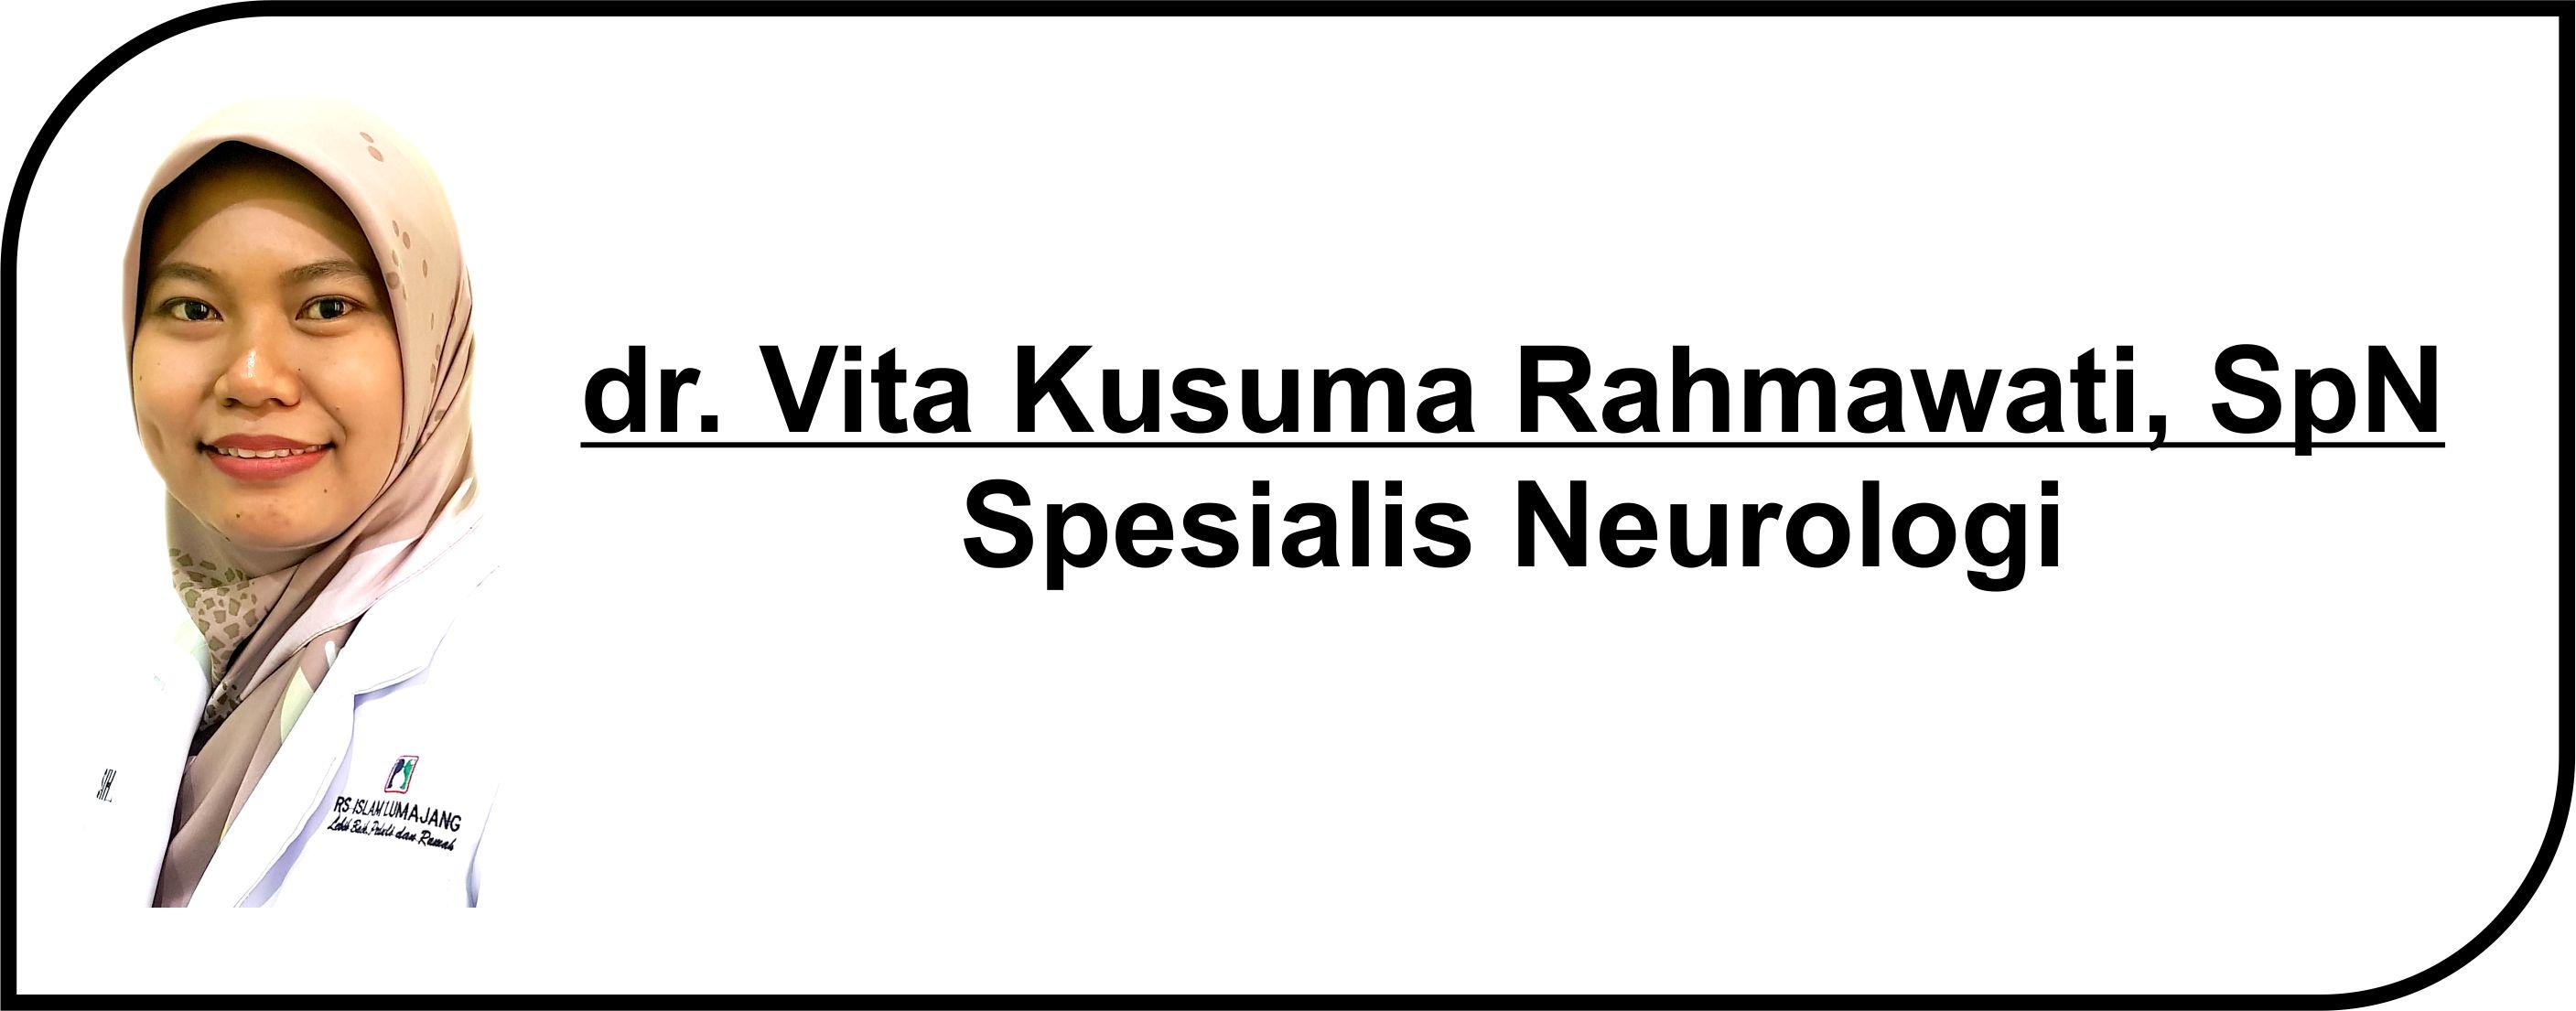 <p>Dokter Spesialis Neurologi</p>  <p>Melayani :</p>  <p>1. Pasien Rawat Inap</p>  <p>2. Pasien Rawat Jalan</p>  <p><strong>Jadwal Praktik Poli</strong> :</p>  <p>Senin - Kamis: 14.00 - 16.00 WIB</p>